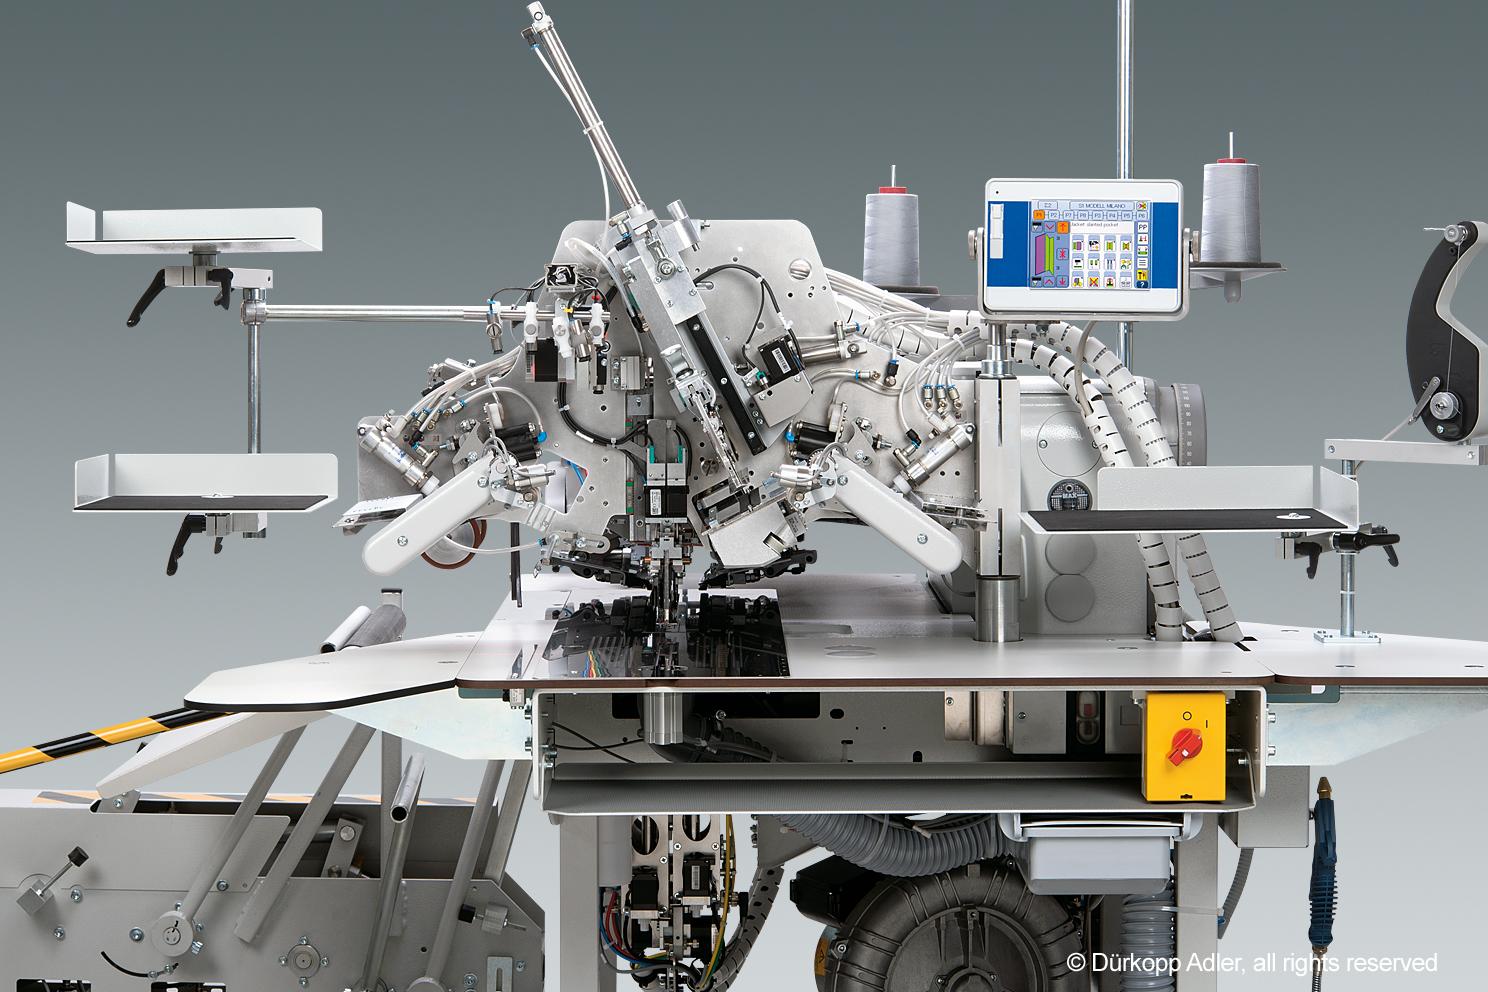 Tam otomatik besleme sistemli, CNC step motor teknolojisine sahip düz ve eğik cep fleto dikiş üniteleri